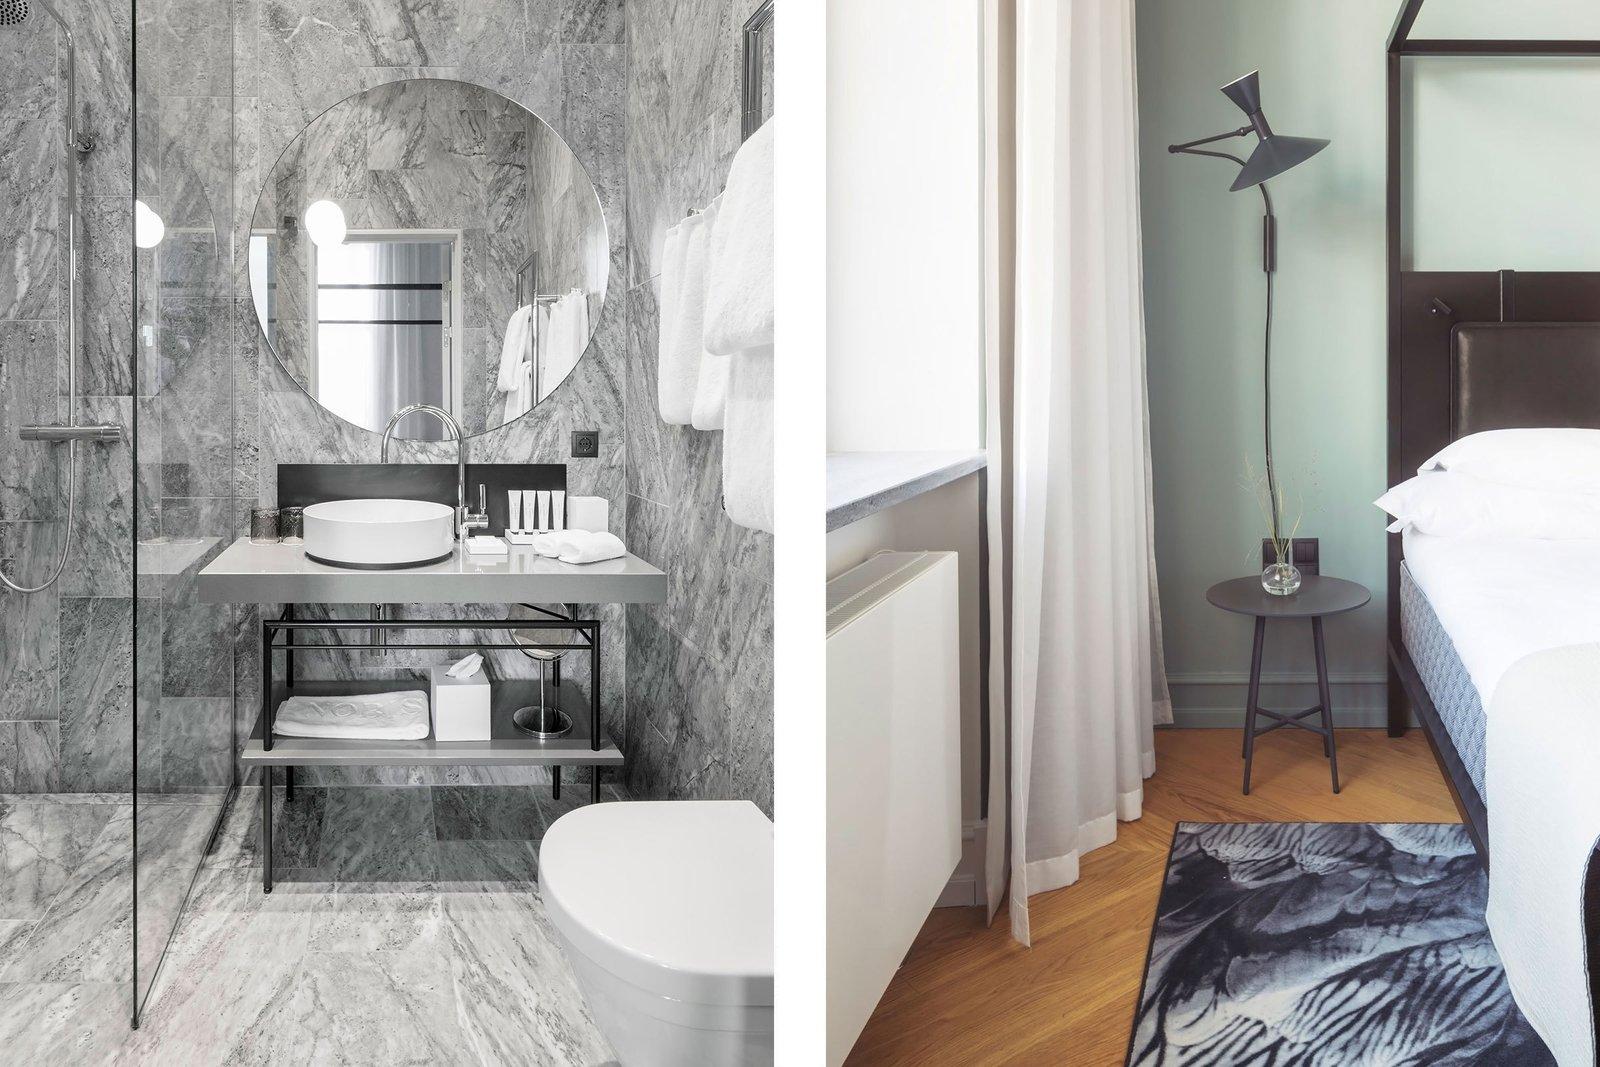 Bath Room, Vessel Sink, One Piece Toilet, and Wall Lighting  Nobis Hotel Copenhagen